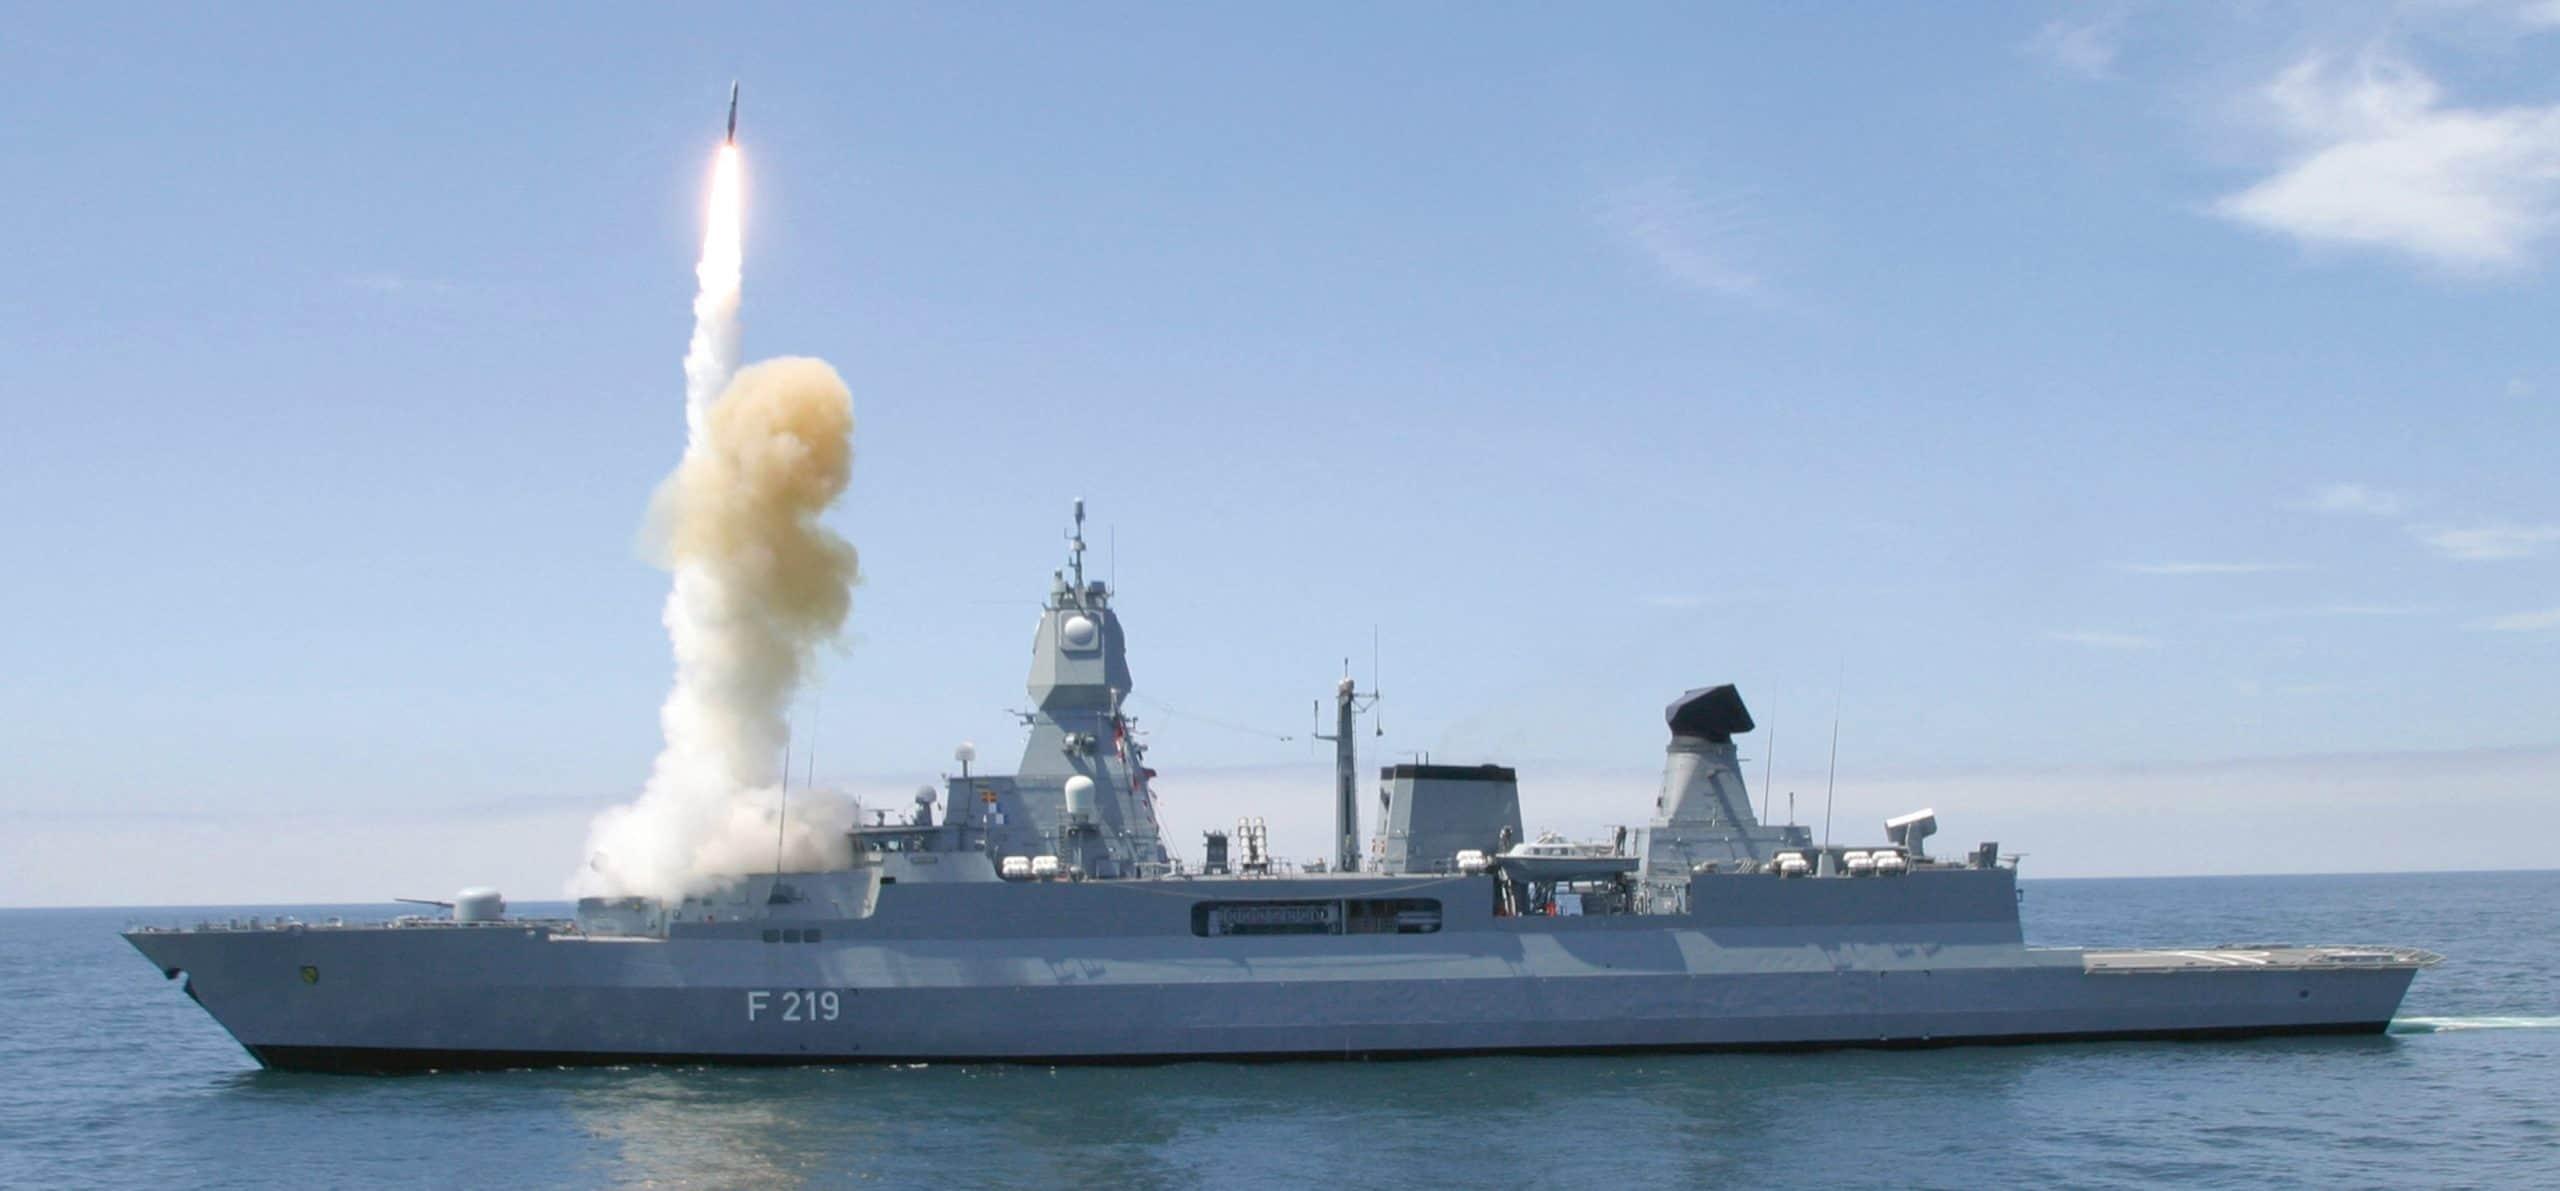 Фрегат Німеччини отримає лазерну зброю. Фрегат ВМС Німеччини «Sachsen» класу F124. Фото з відкритих джерел